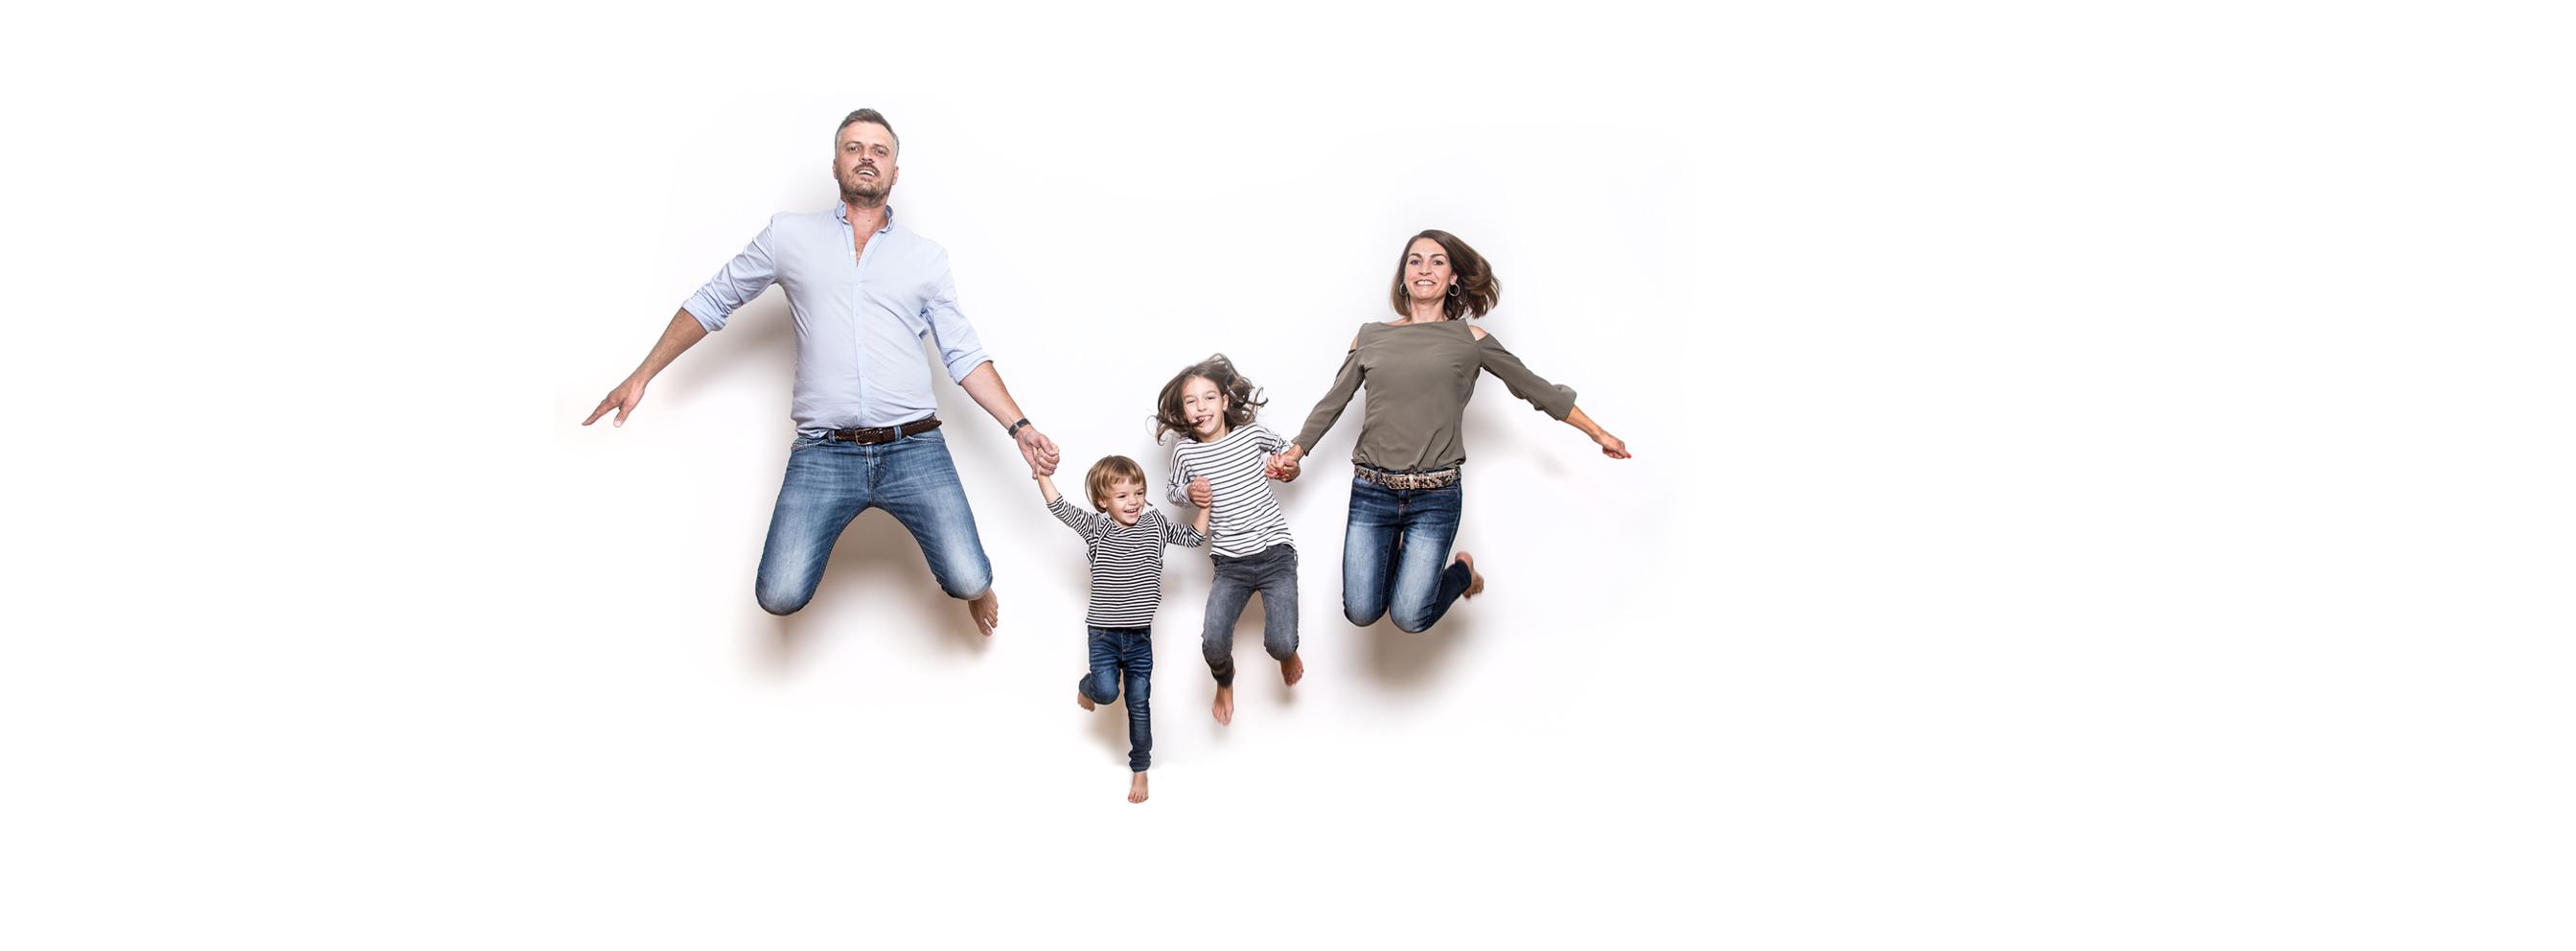 myno-banner-portre_Familie2